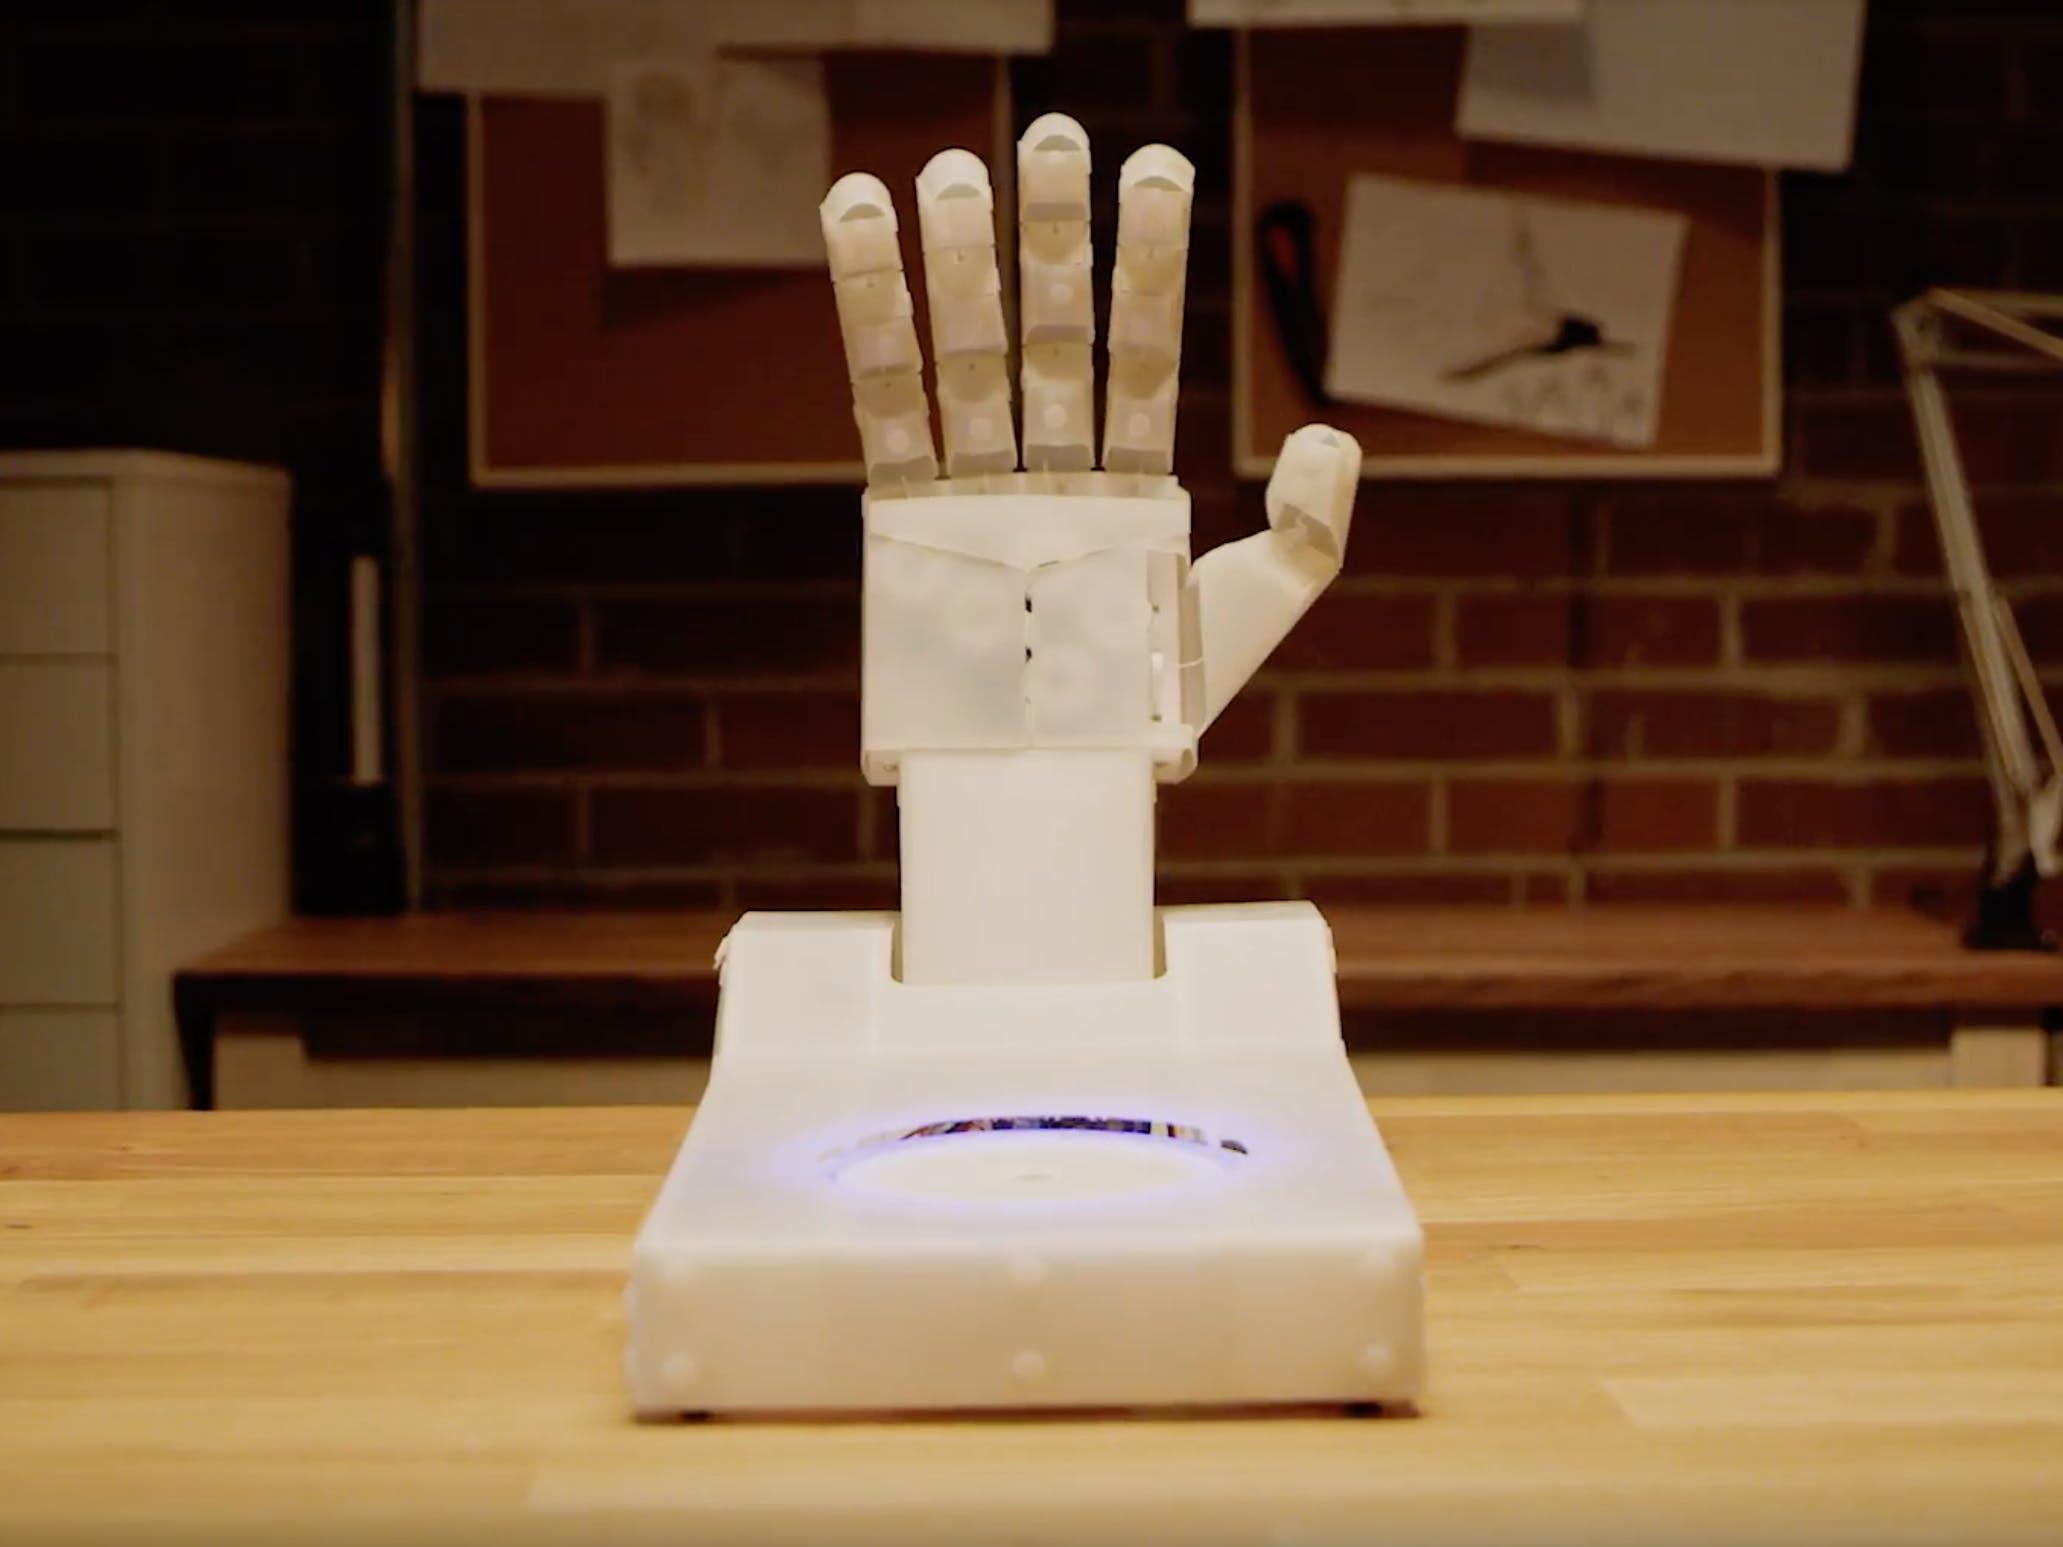 Android Things HandBot